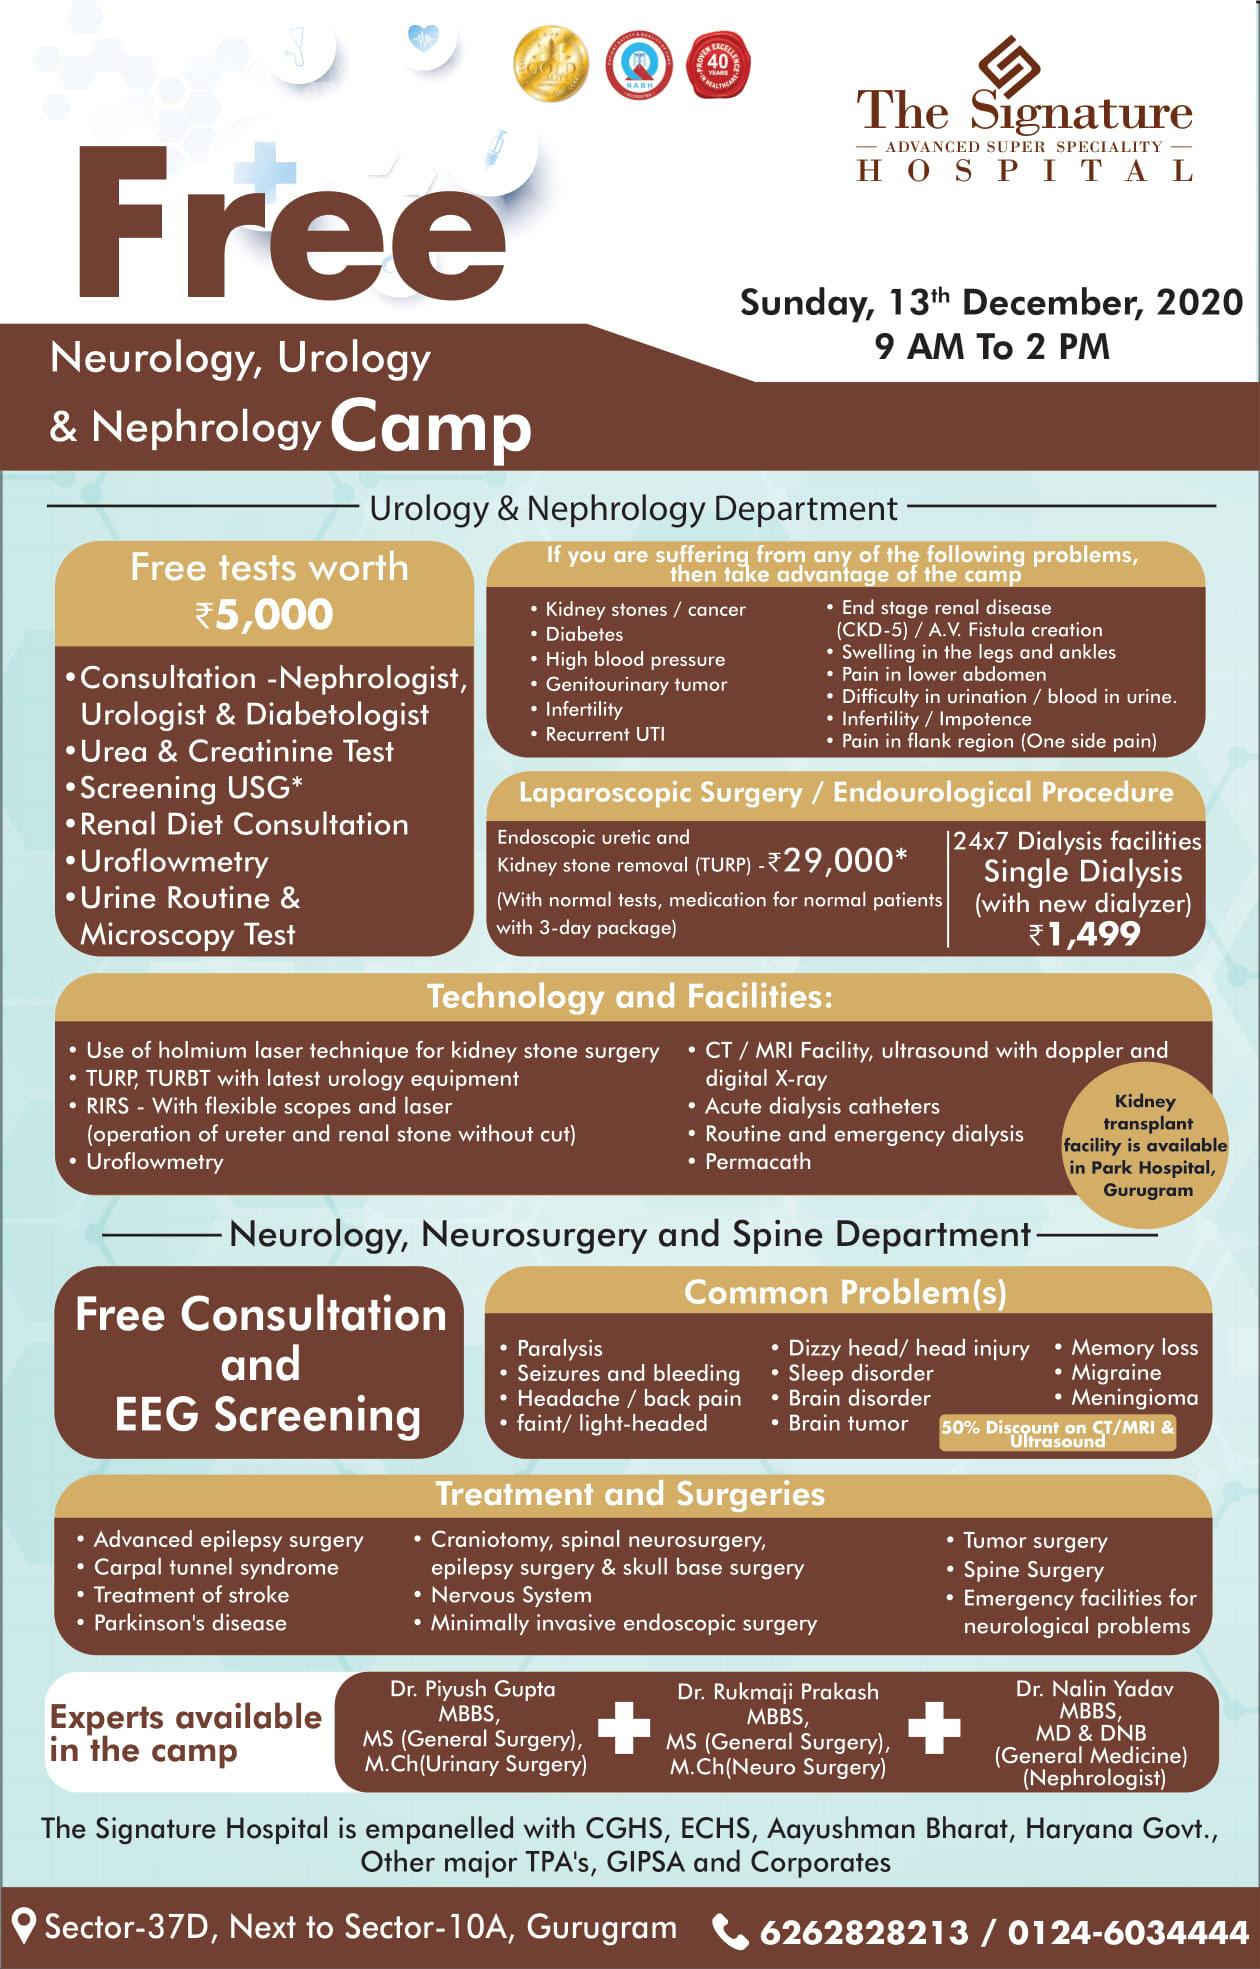 Camp for Neurology, Urology and Nephrology